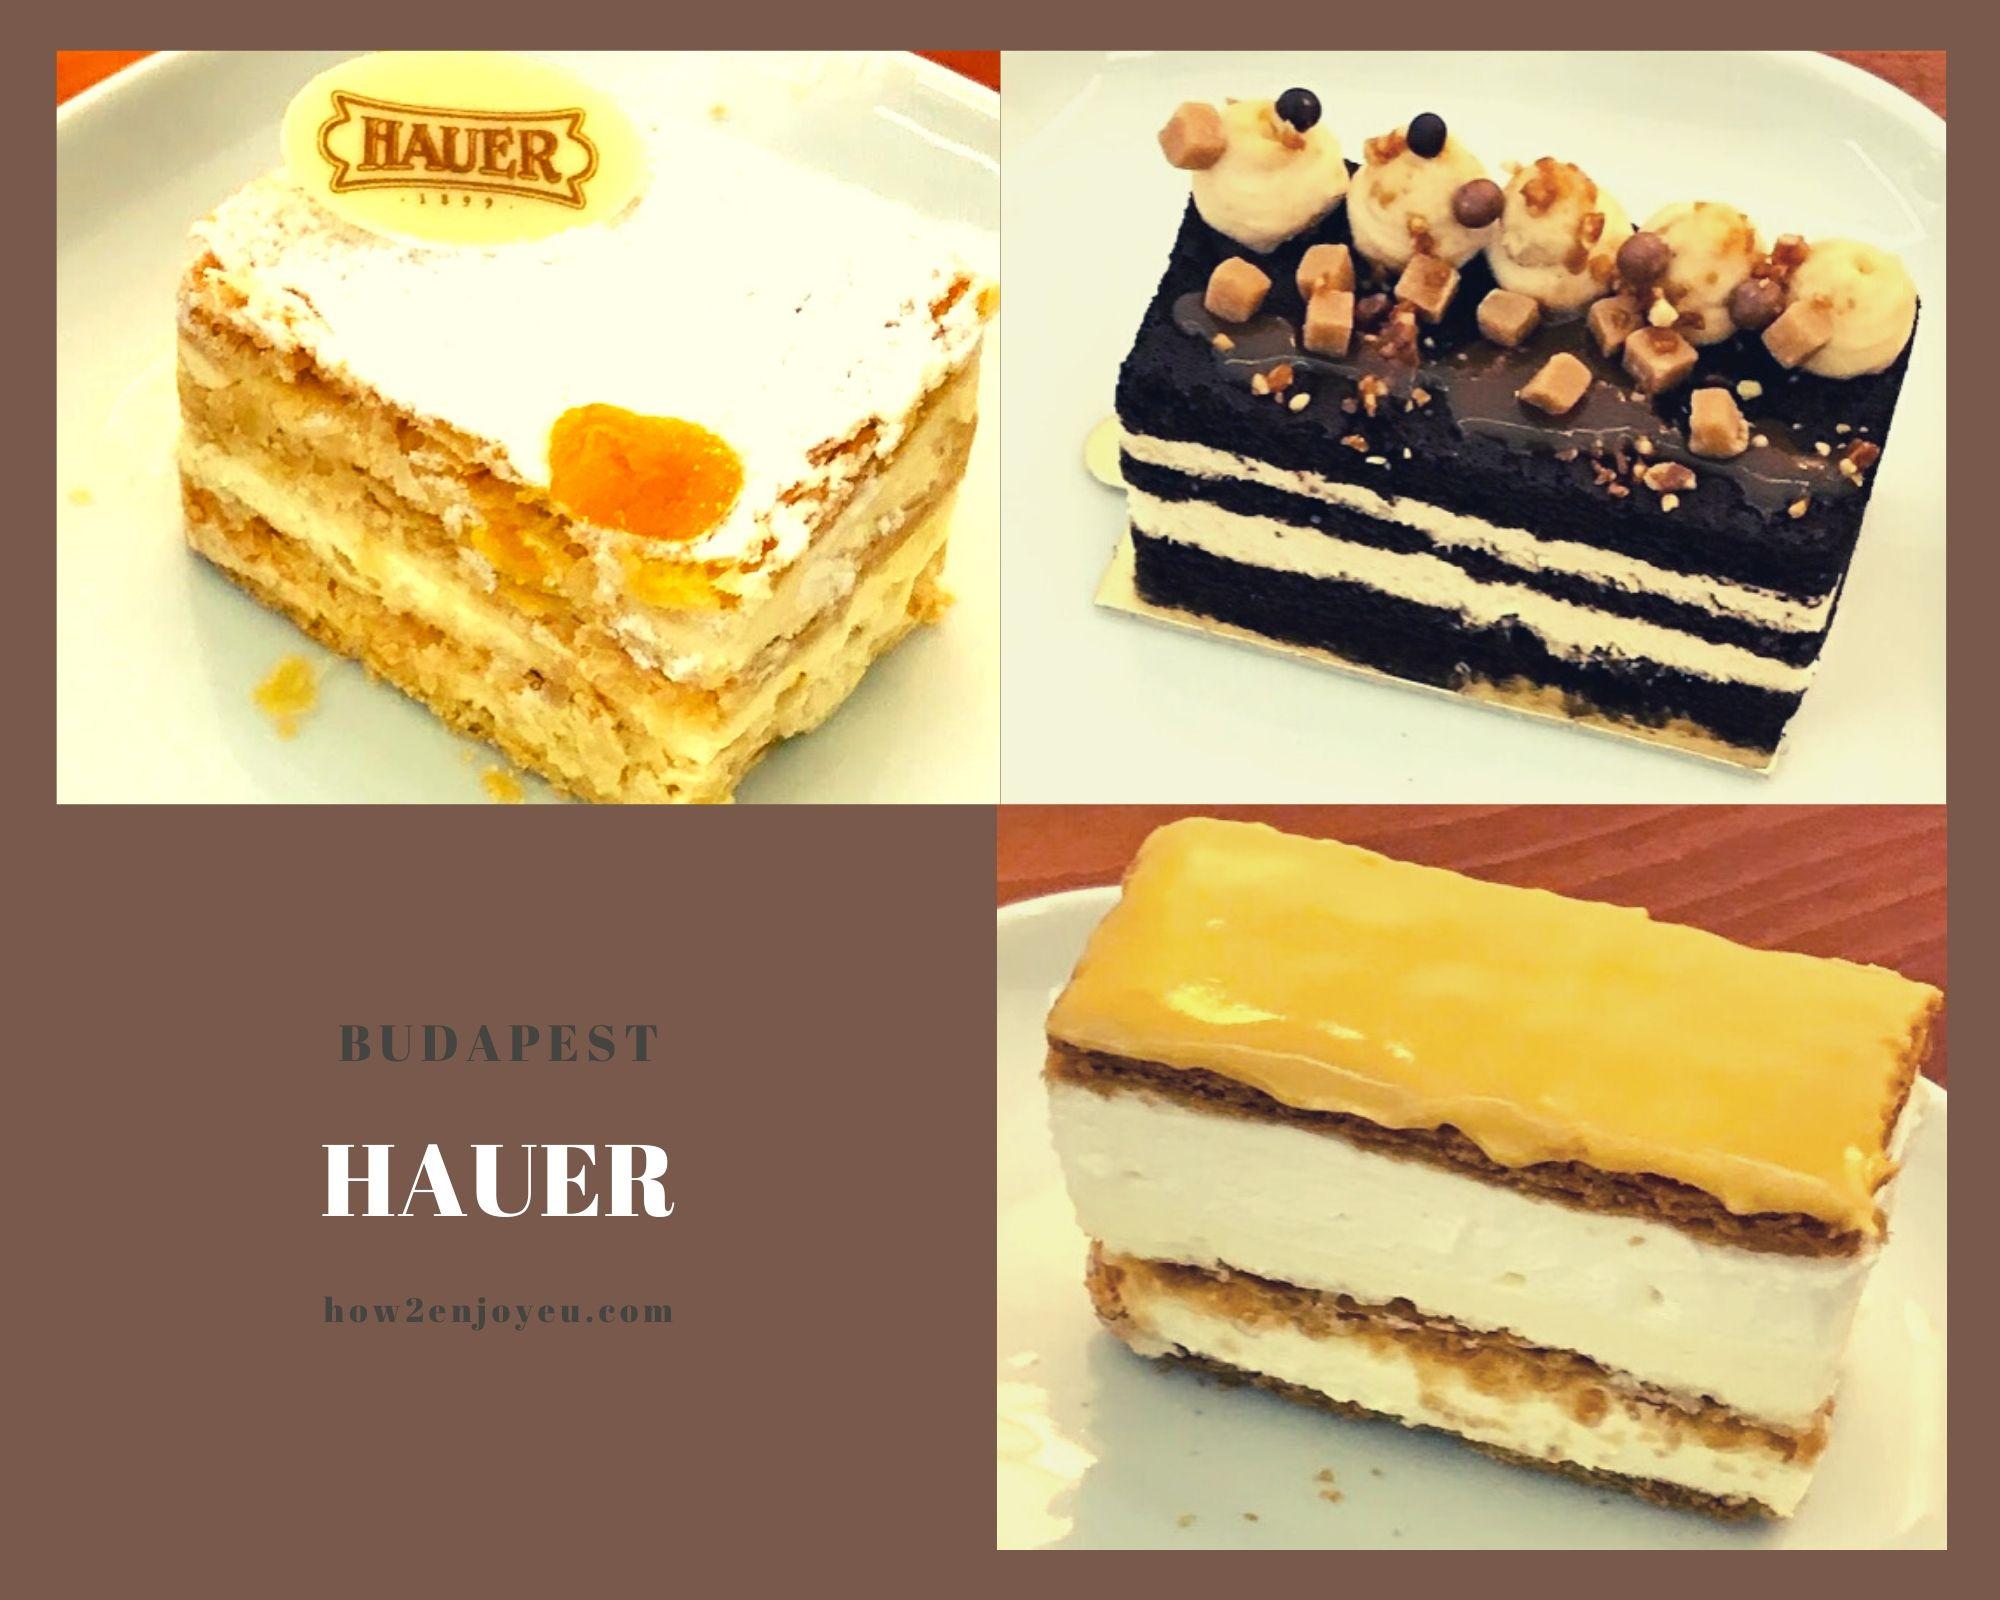 ブダペストの老舗カフェ「Hauer」で帝国時代の雰囲気を感じる